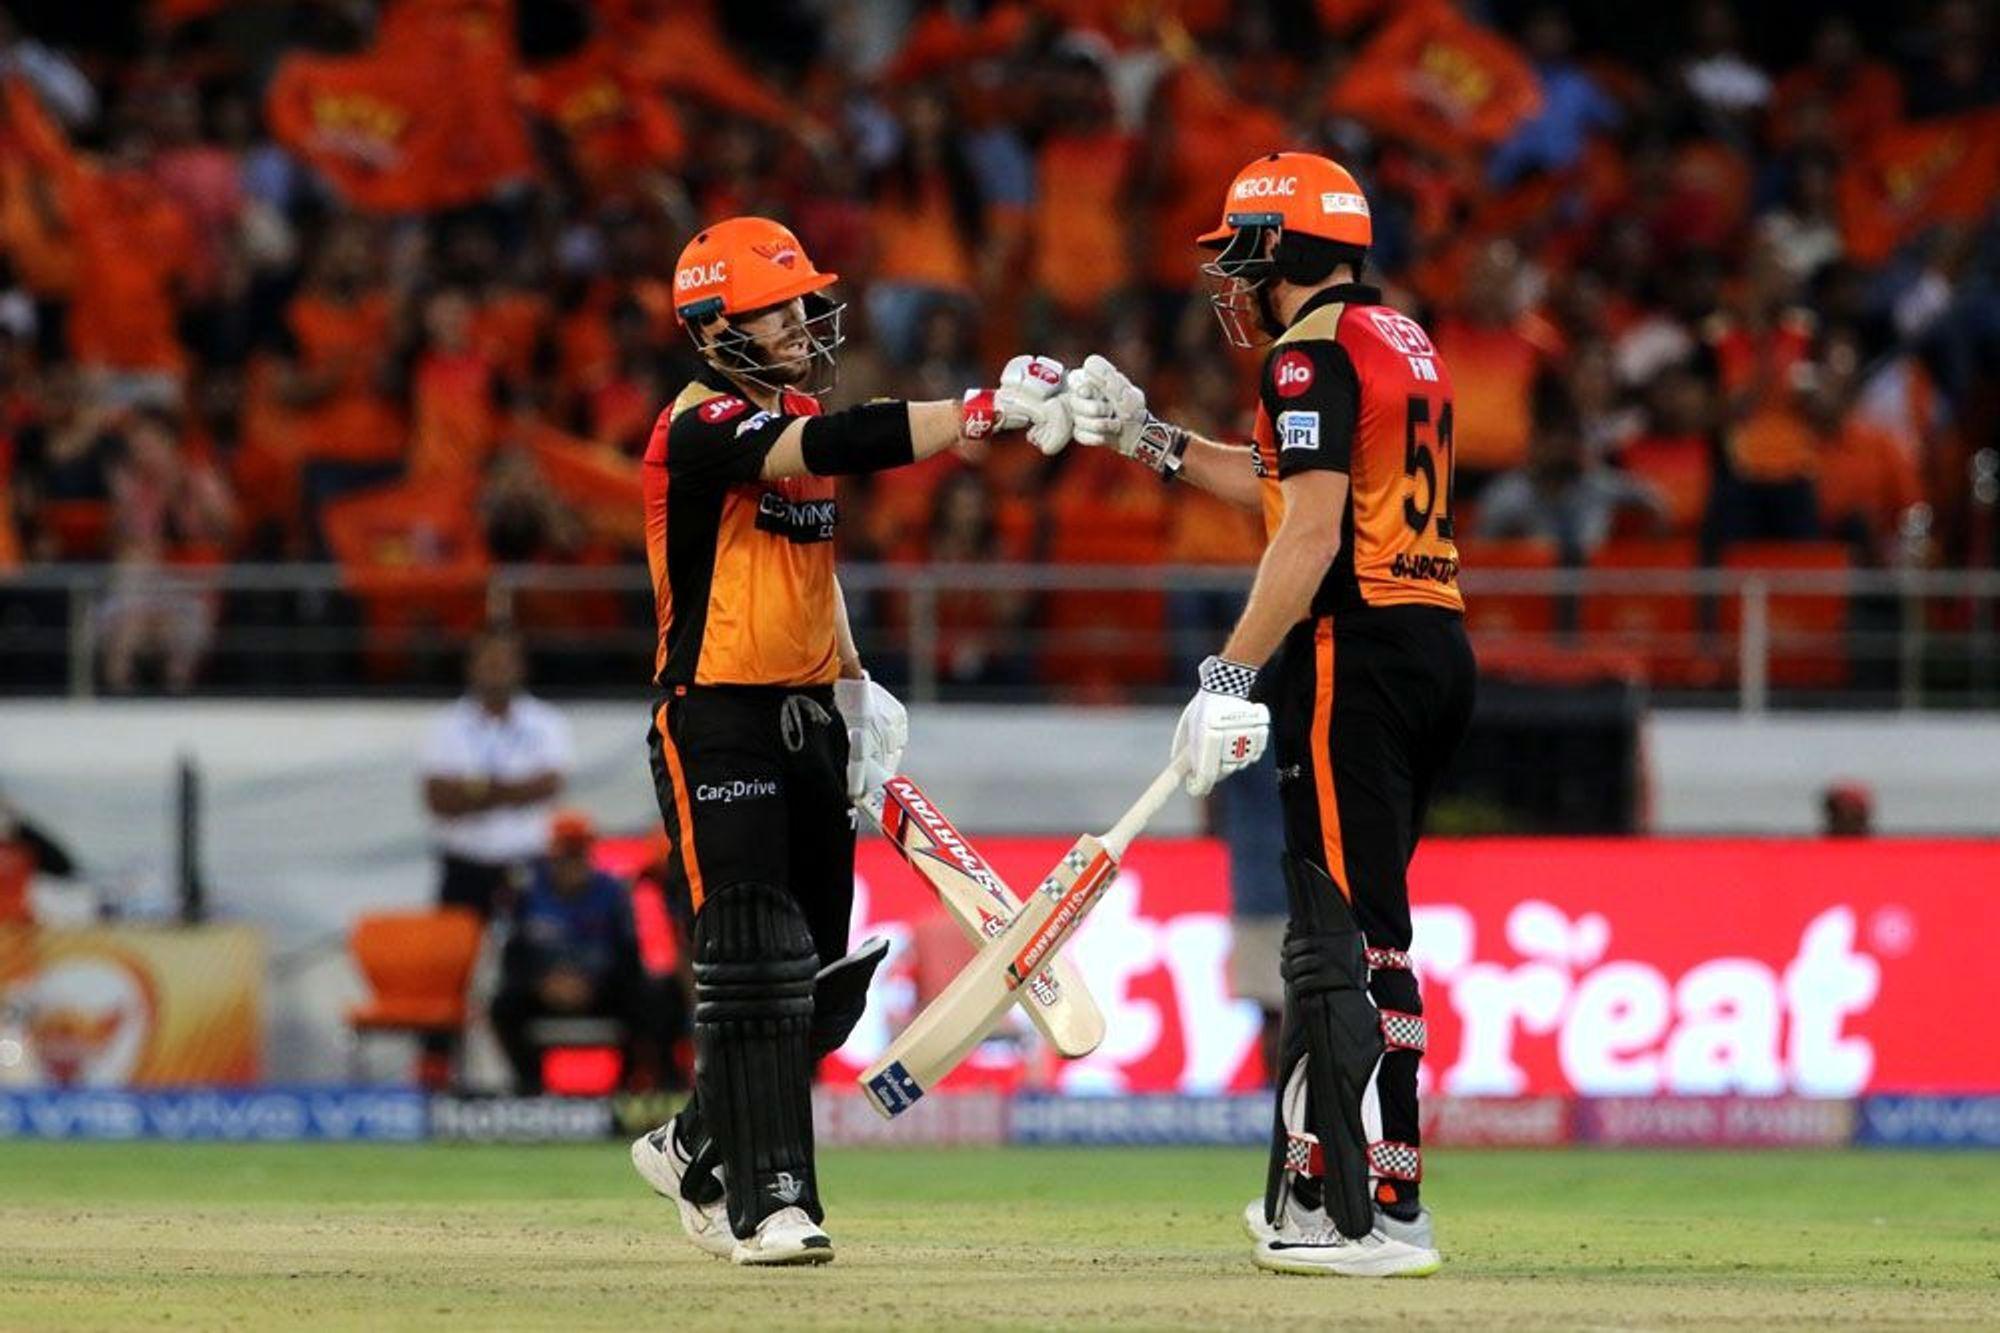 SRHvsKKR: एक बार फिर बोला वार्नर-बैरेस्टो का बल्ला, हैदराबाद की जीत के बाद ट्विटर पर छाए 26